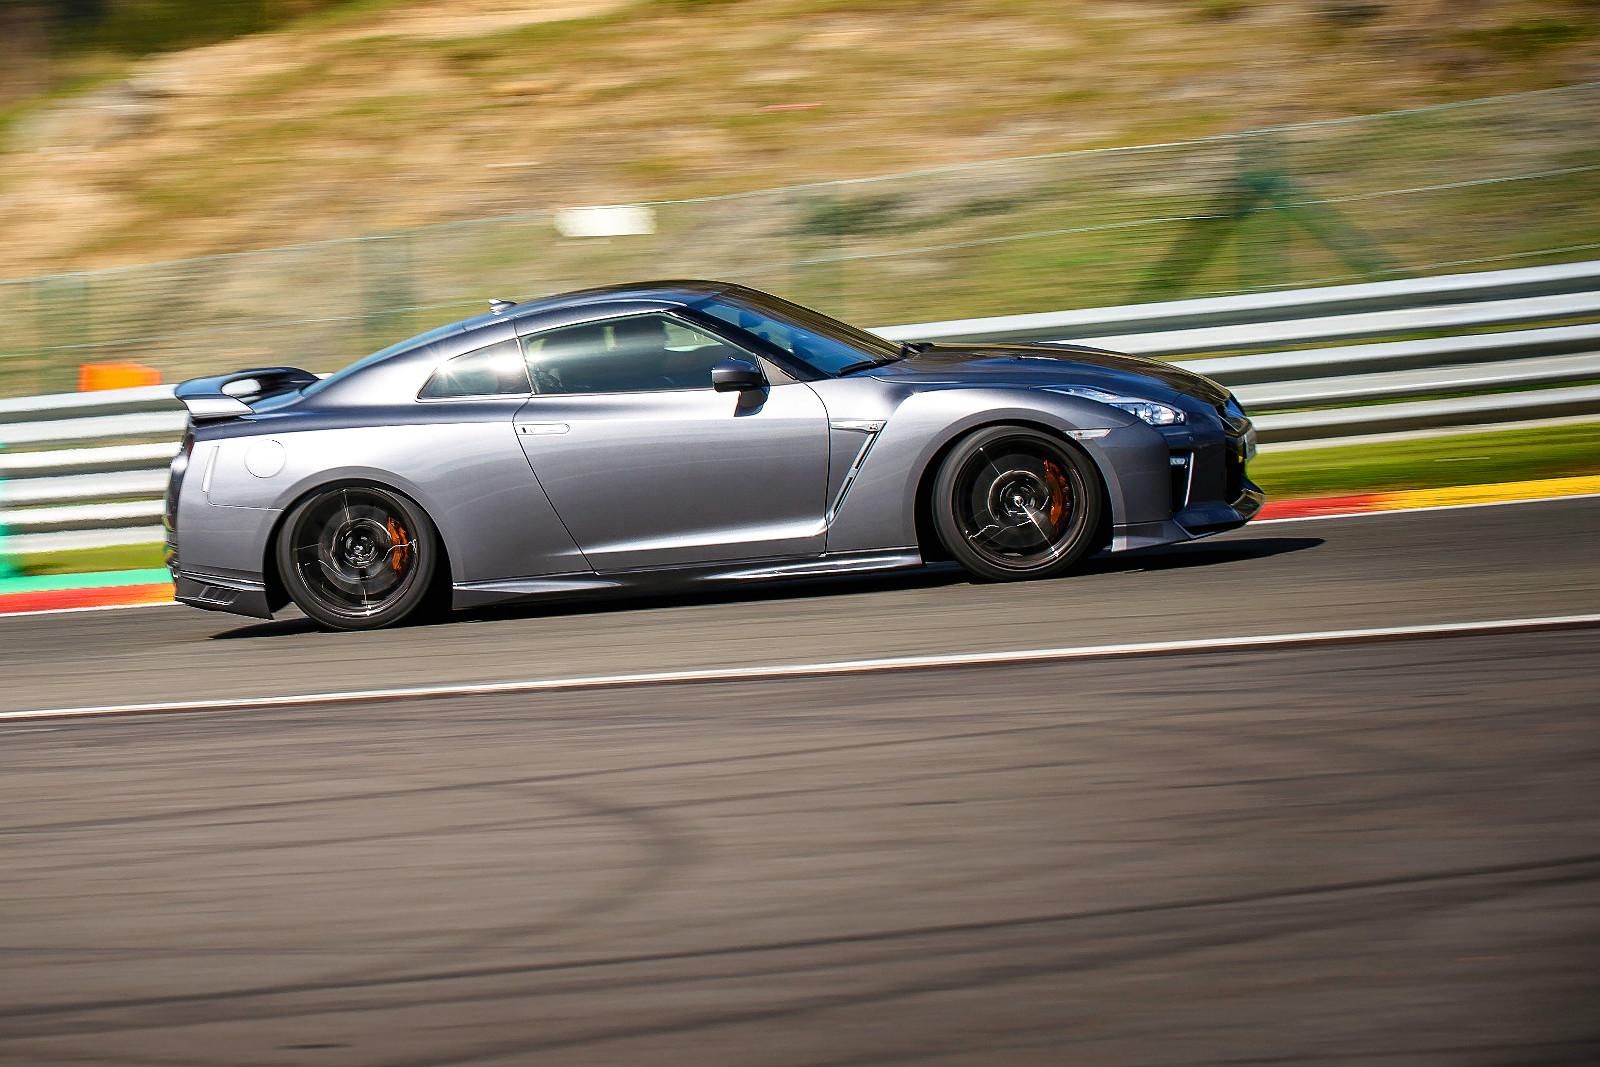 Abban rejlik a GT-R varázsa, hogy még a hétköznapi sofőrt is képes versenyzővé változtatni. Feltéve, hogy előtte megy egy felvezetőautó...